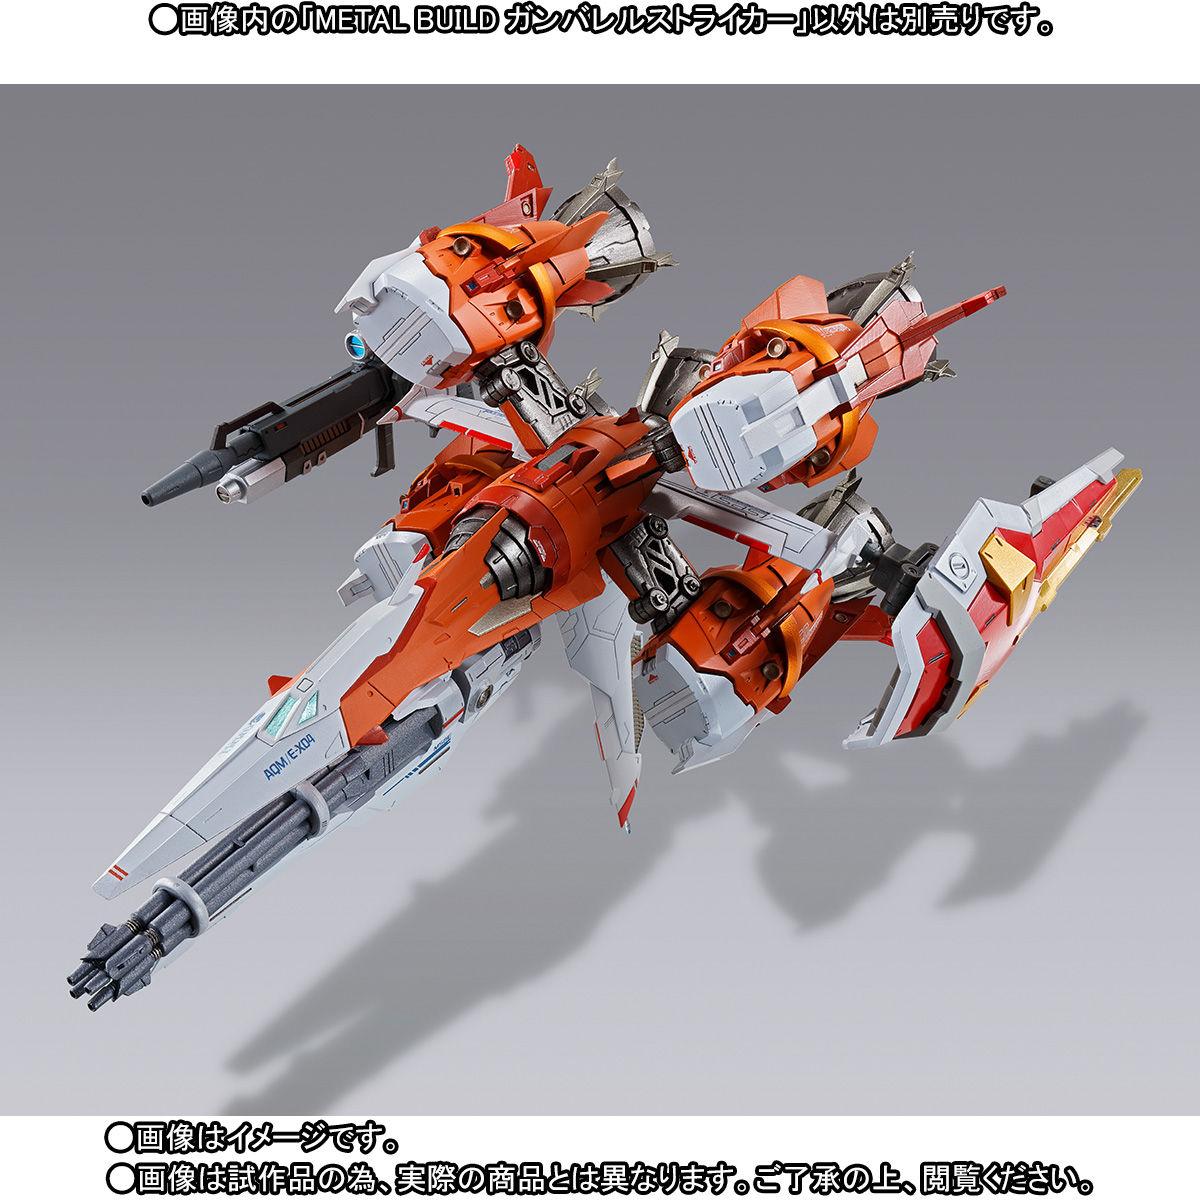 METAL BUILD『ガンバレルストライカー|機動戦士ガンダムSEED MSV』可動フィギュア-009